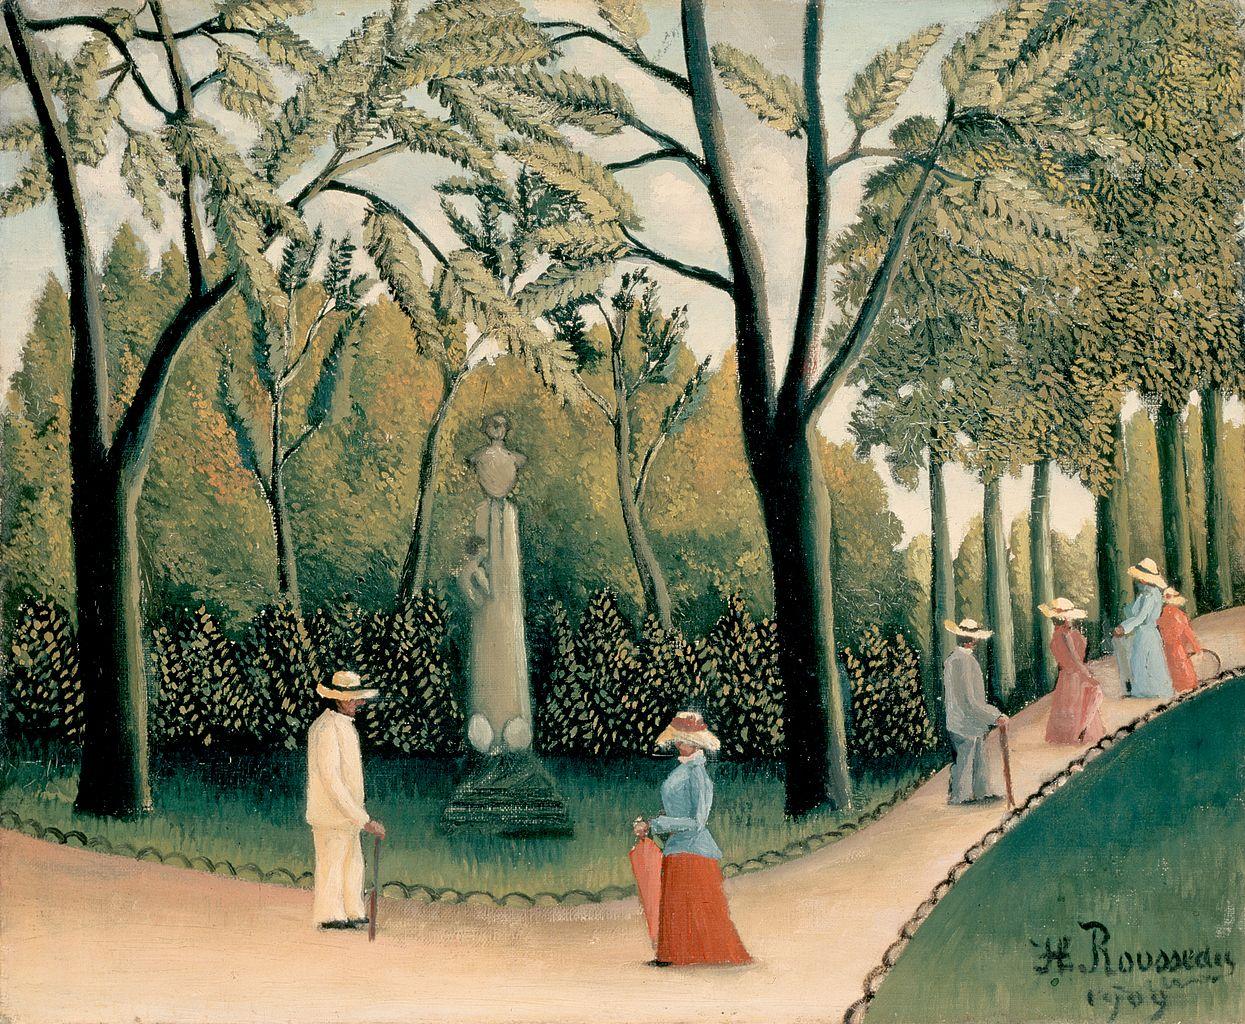 Biographie et œuvre de Henri Rousseau dit Douanier Rousseau